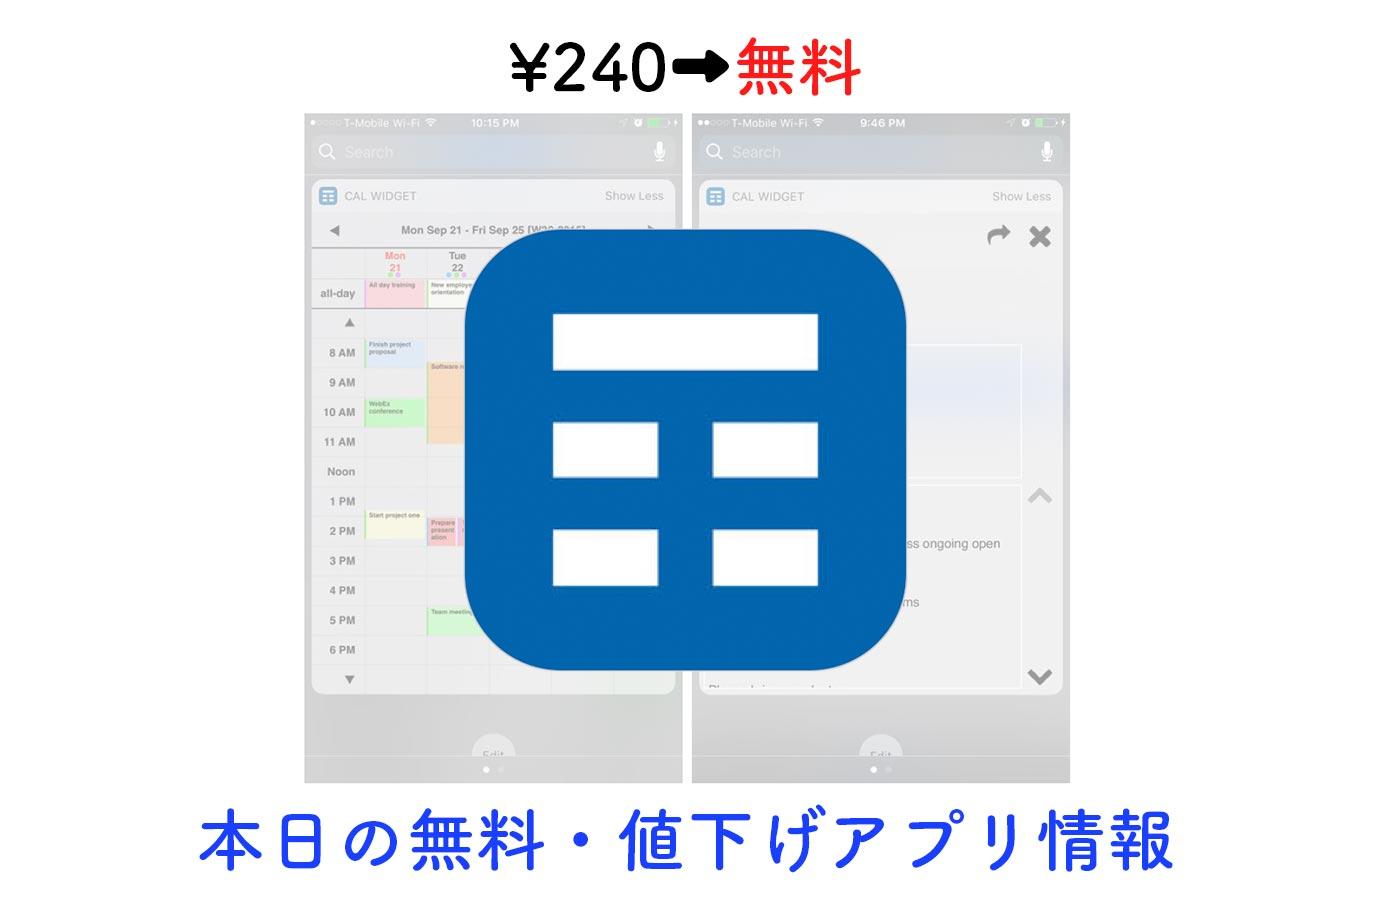 ¥240→無料、ウィジェットに1週間のカレンダーを表示できる「Week Calendar Widget Pro」など【12/6】本日の無料・値下げアプリ情報